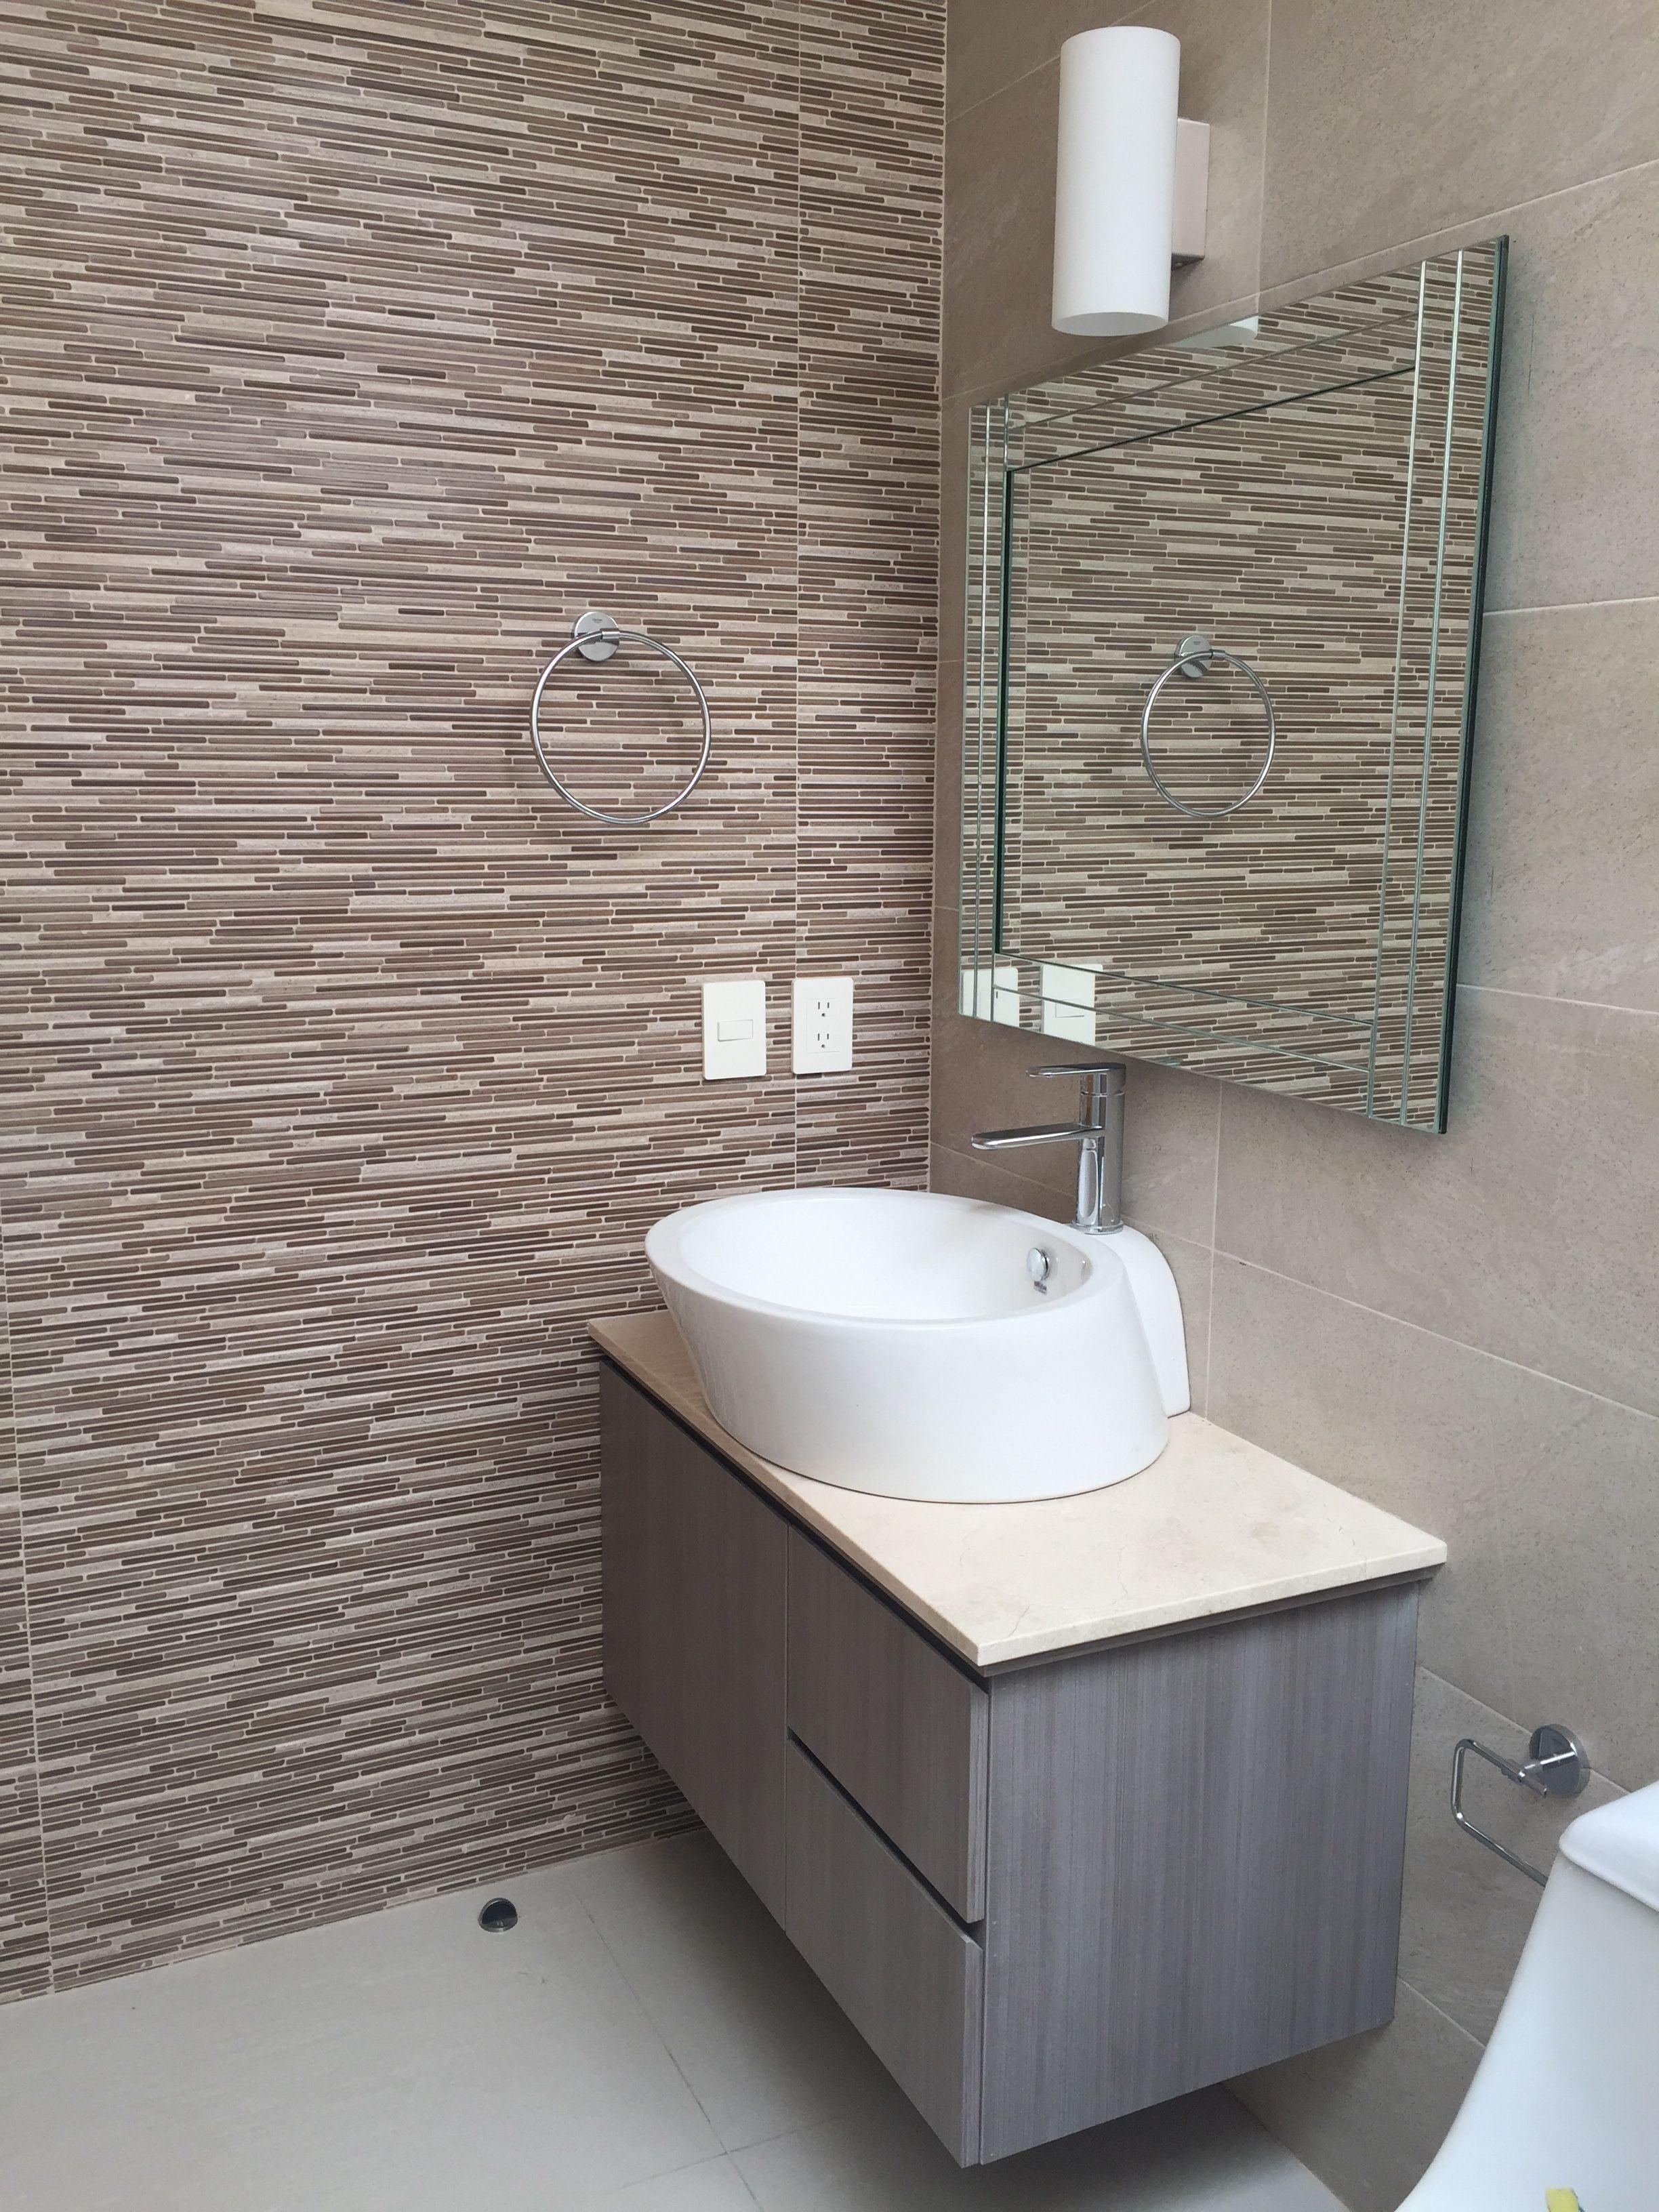 Cubiertas de baño en mármol crema marfil | Marmol y ...